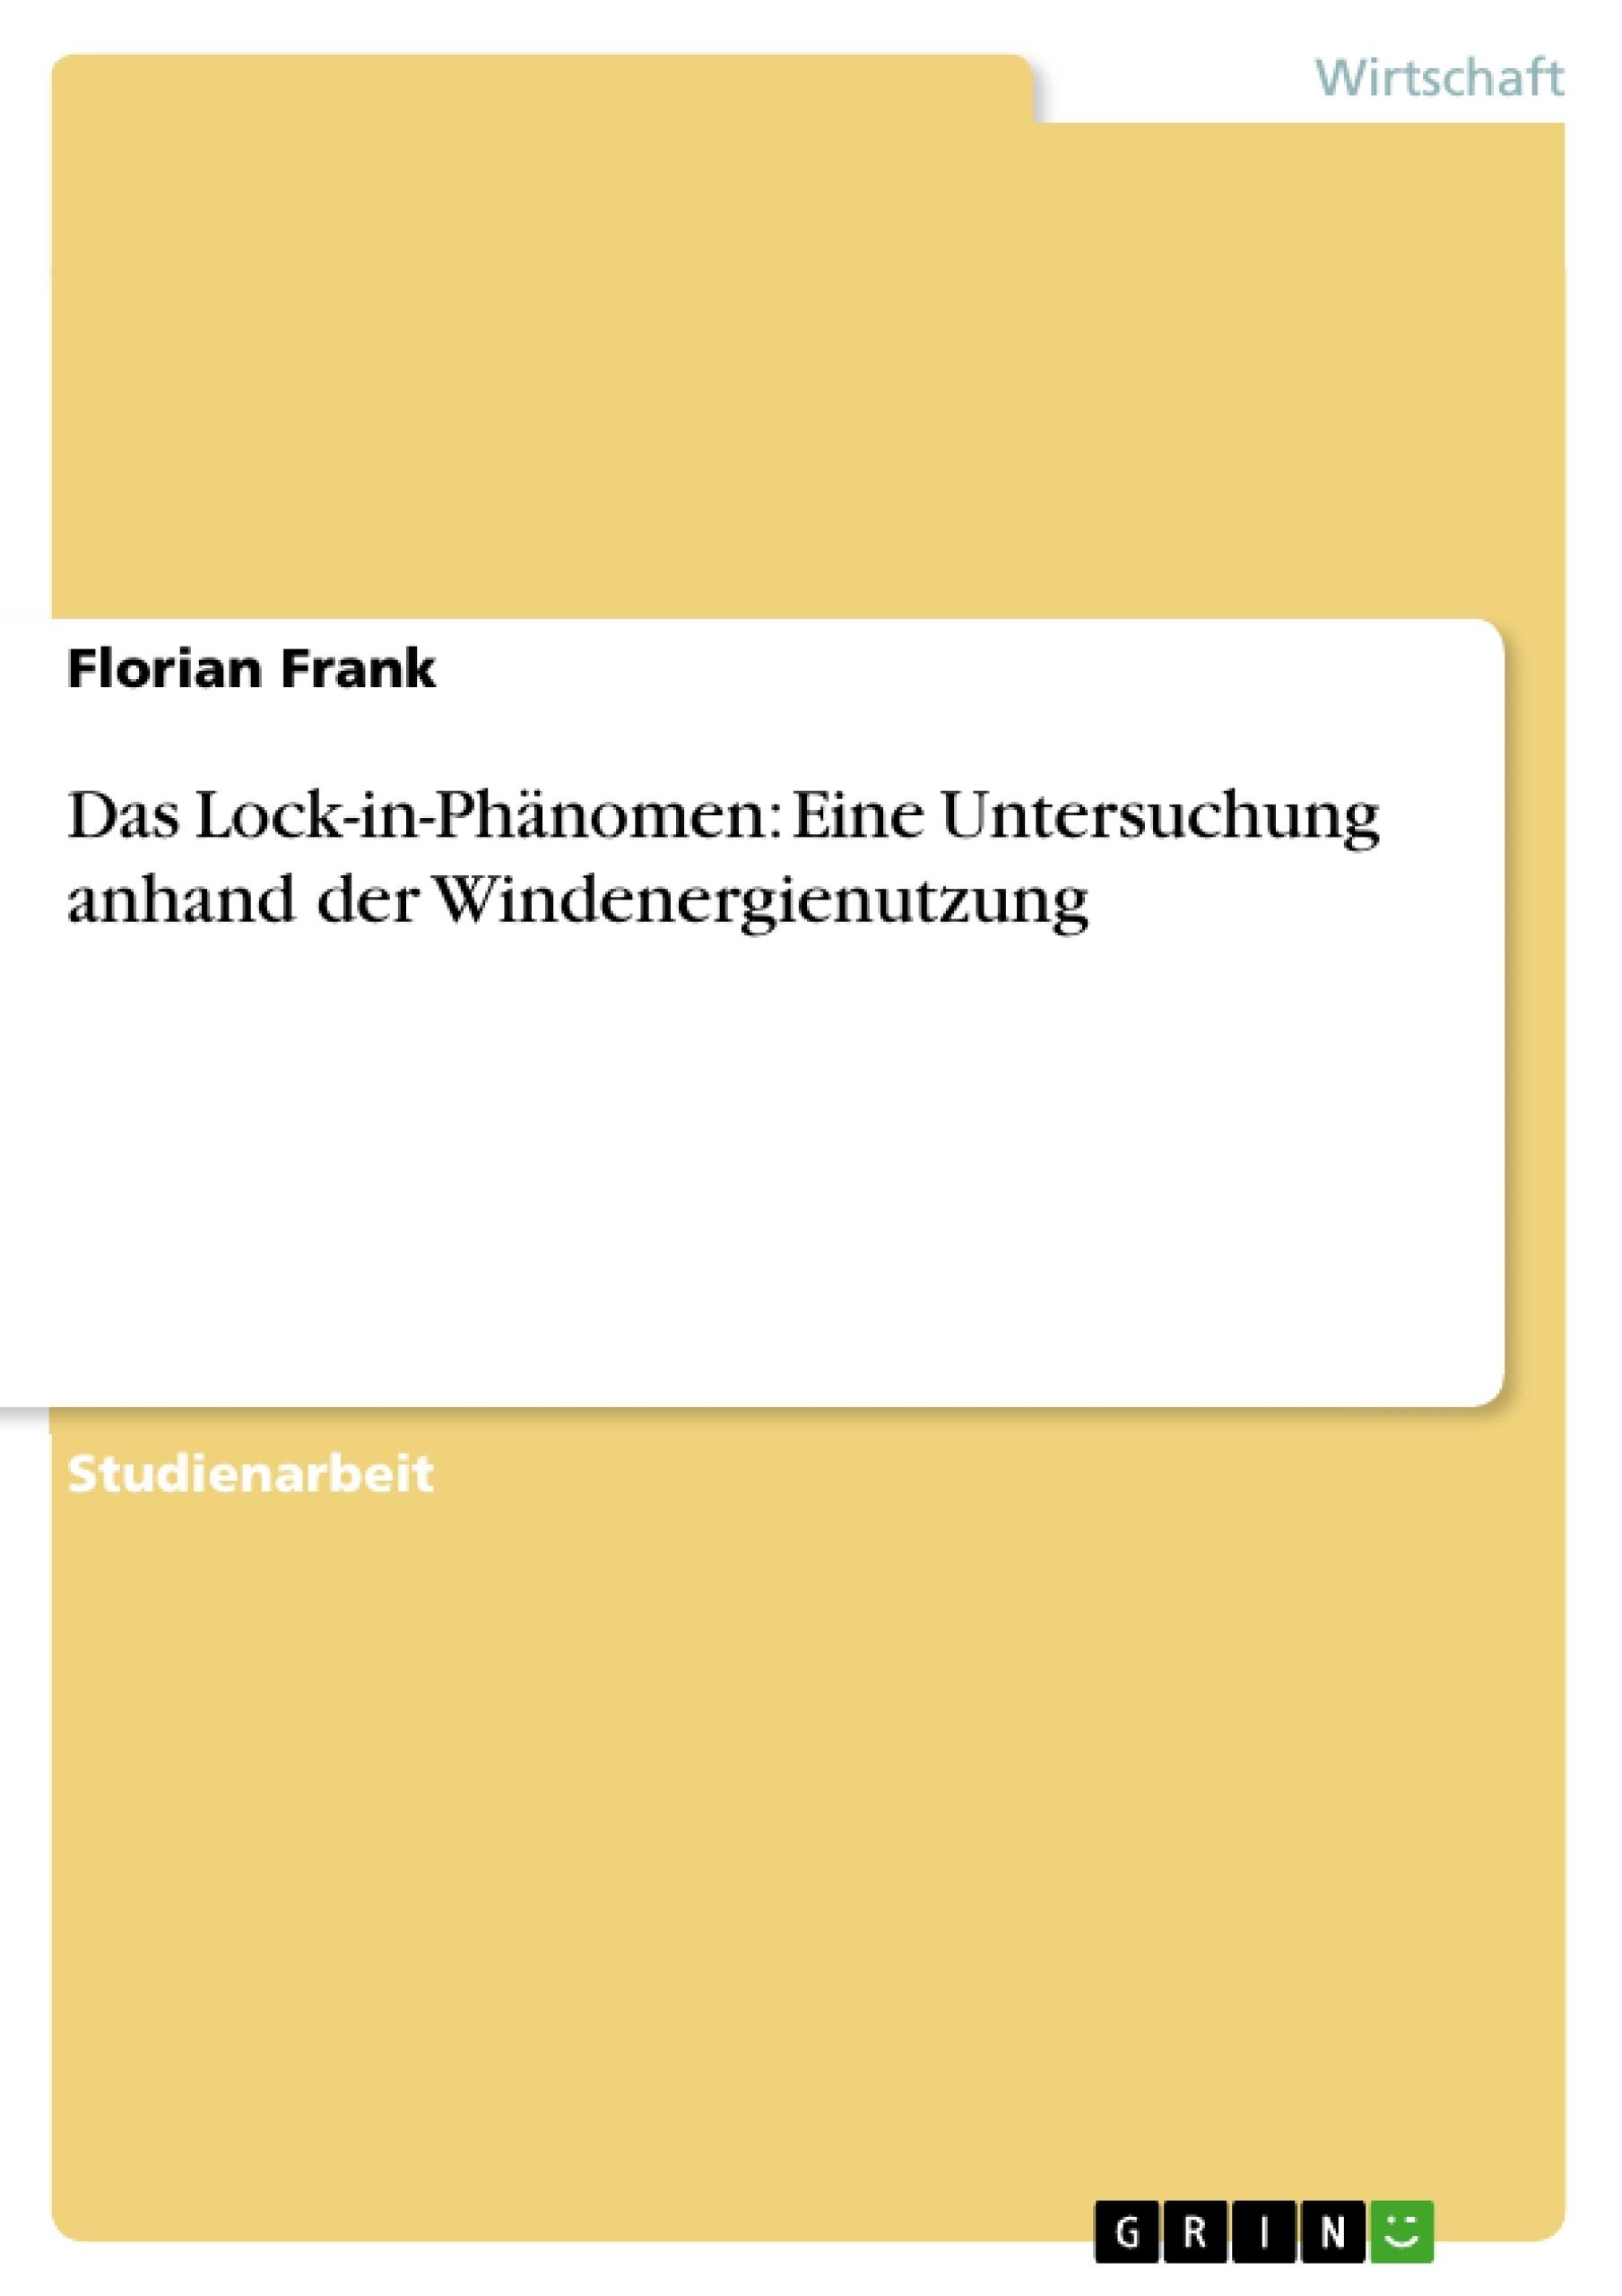 Titel: Das Lock-in-Phänomen: Eine Untersuchung anhand der Windenergienutzung